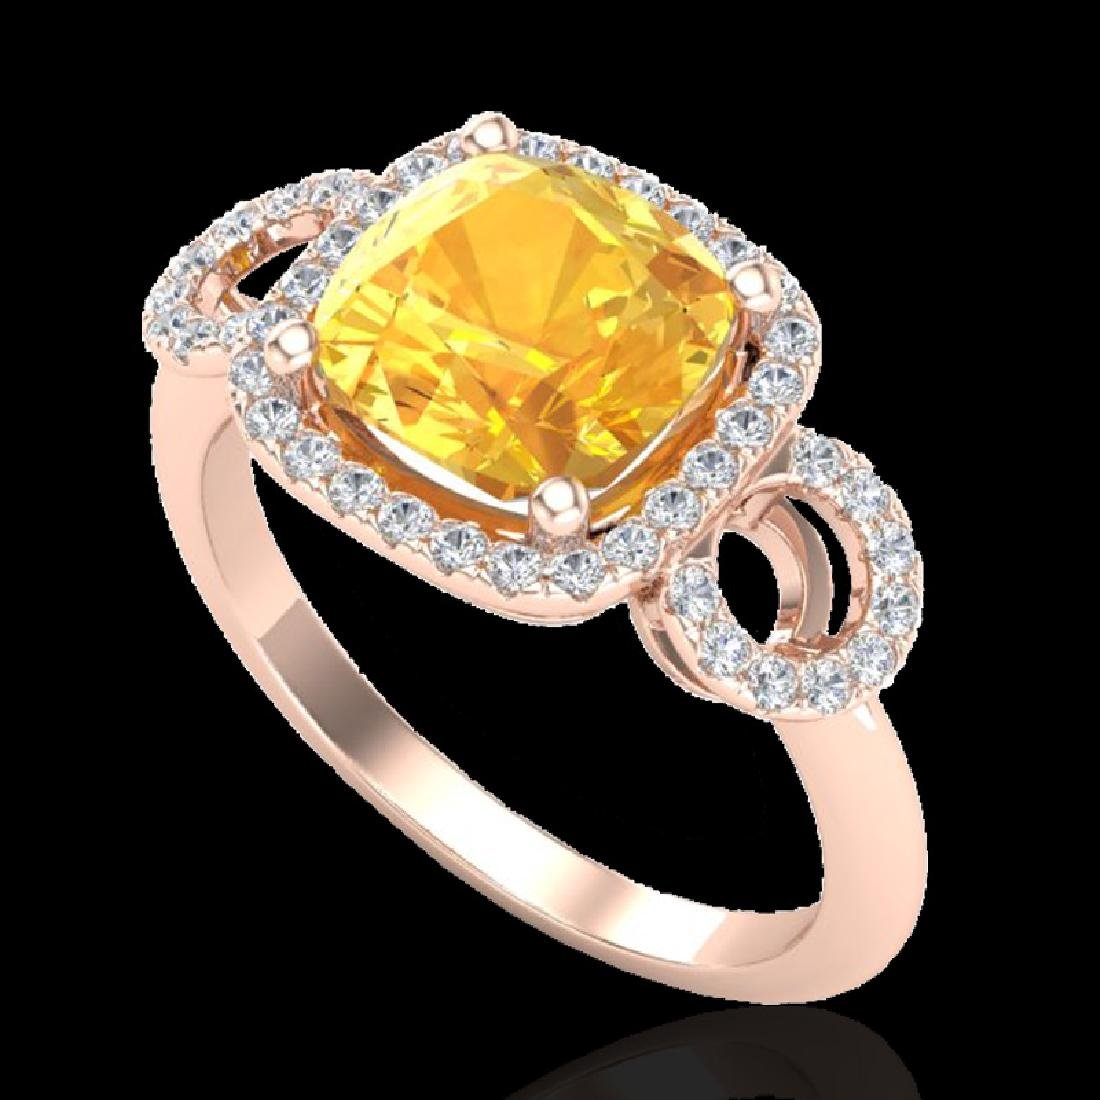 3.75 CTW Citrine & Micro VS/SI Diamond Ring 14K Rose - 2